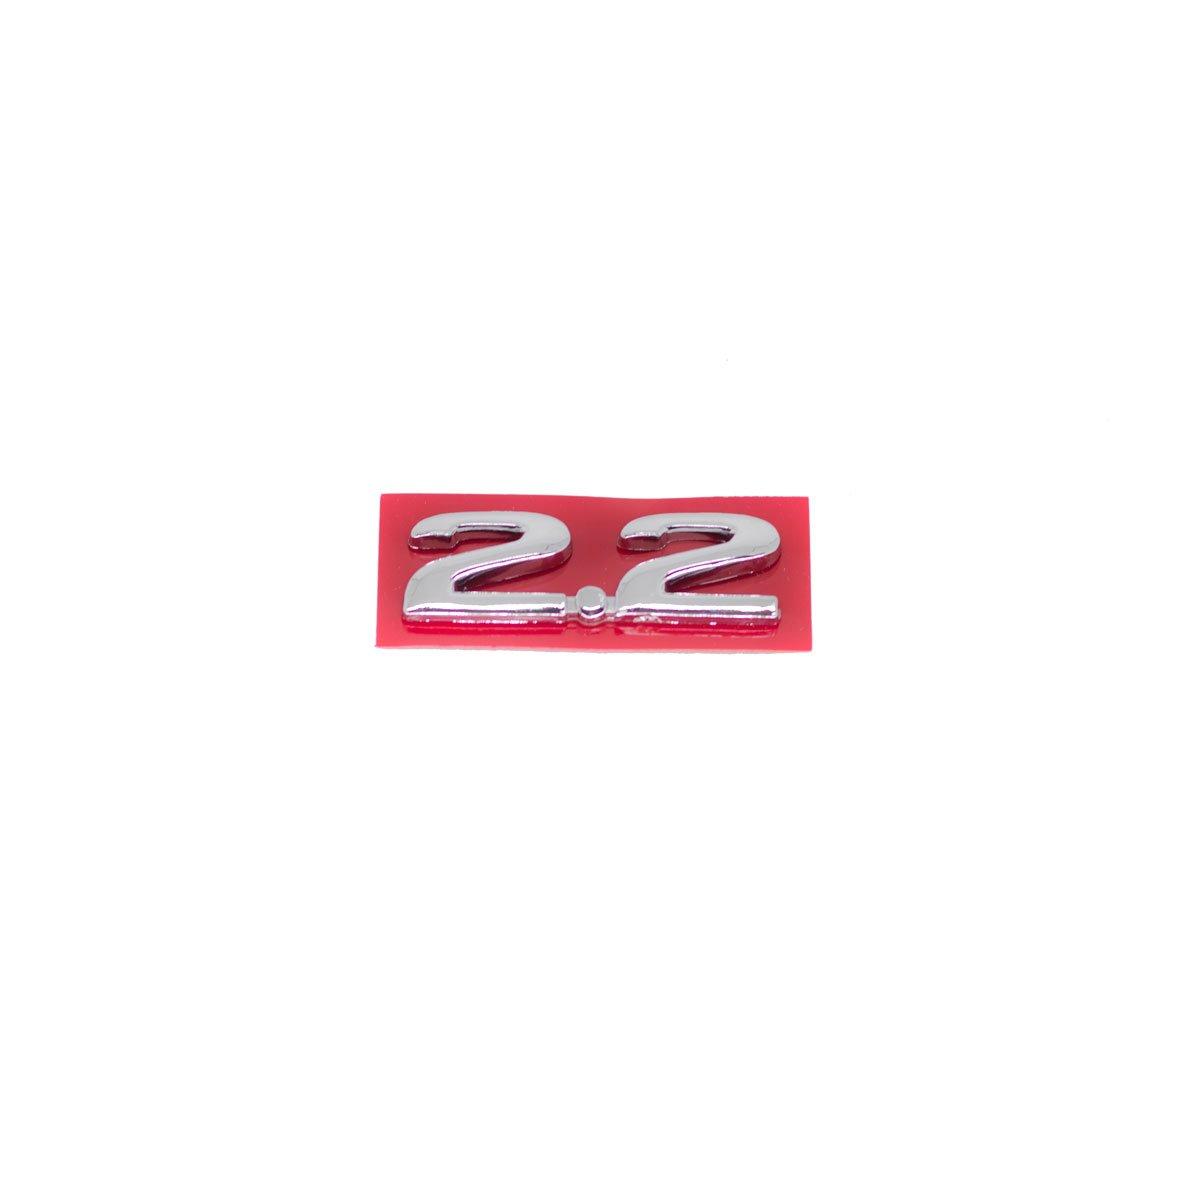 Emblema 2.2 Vectra/Omega Cromado